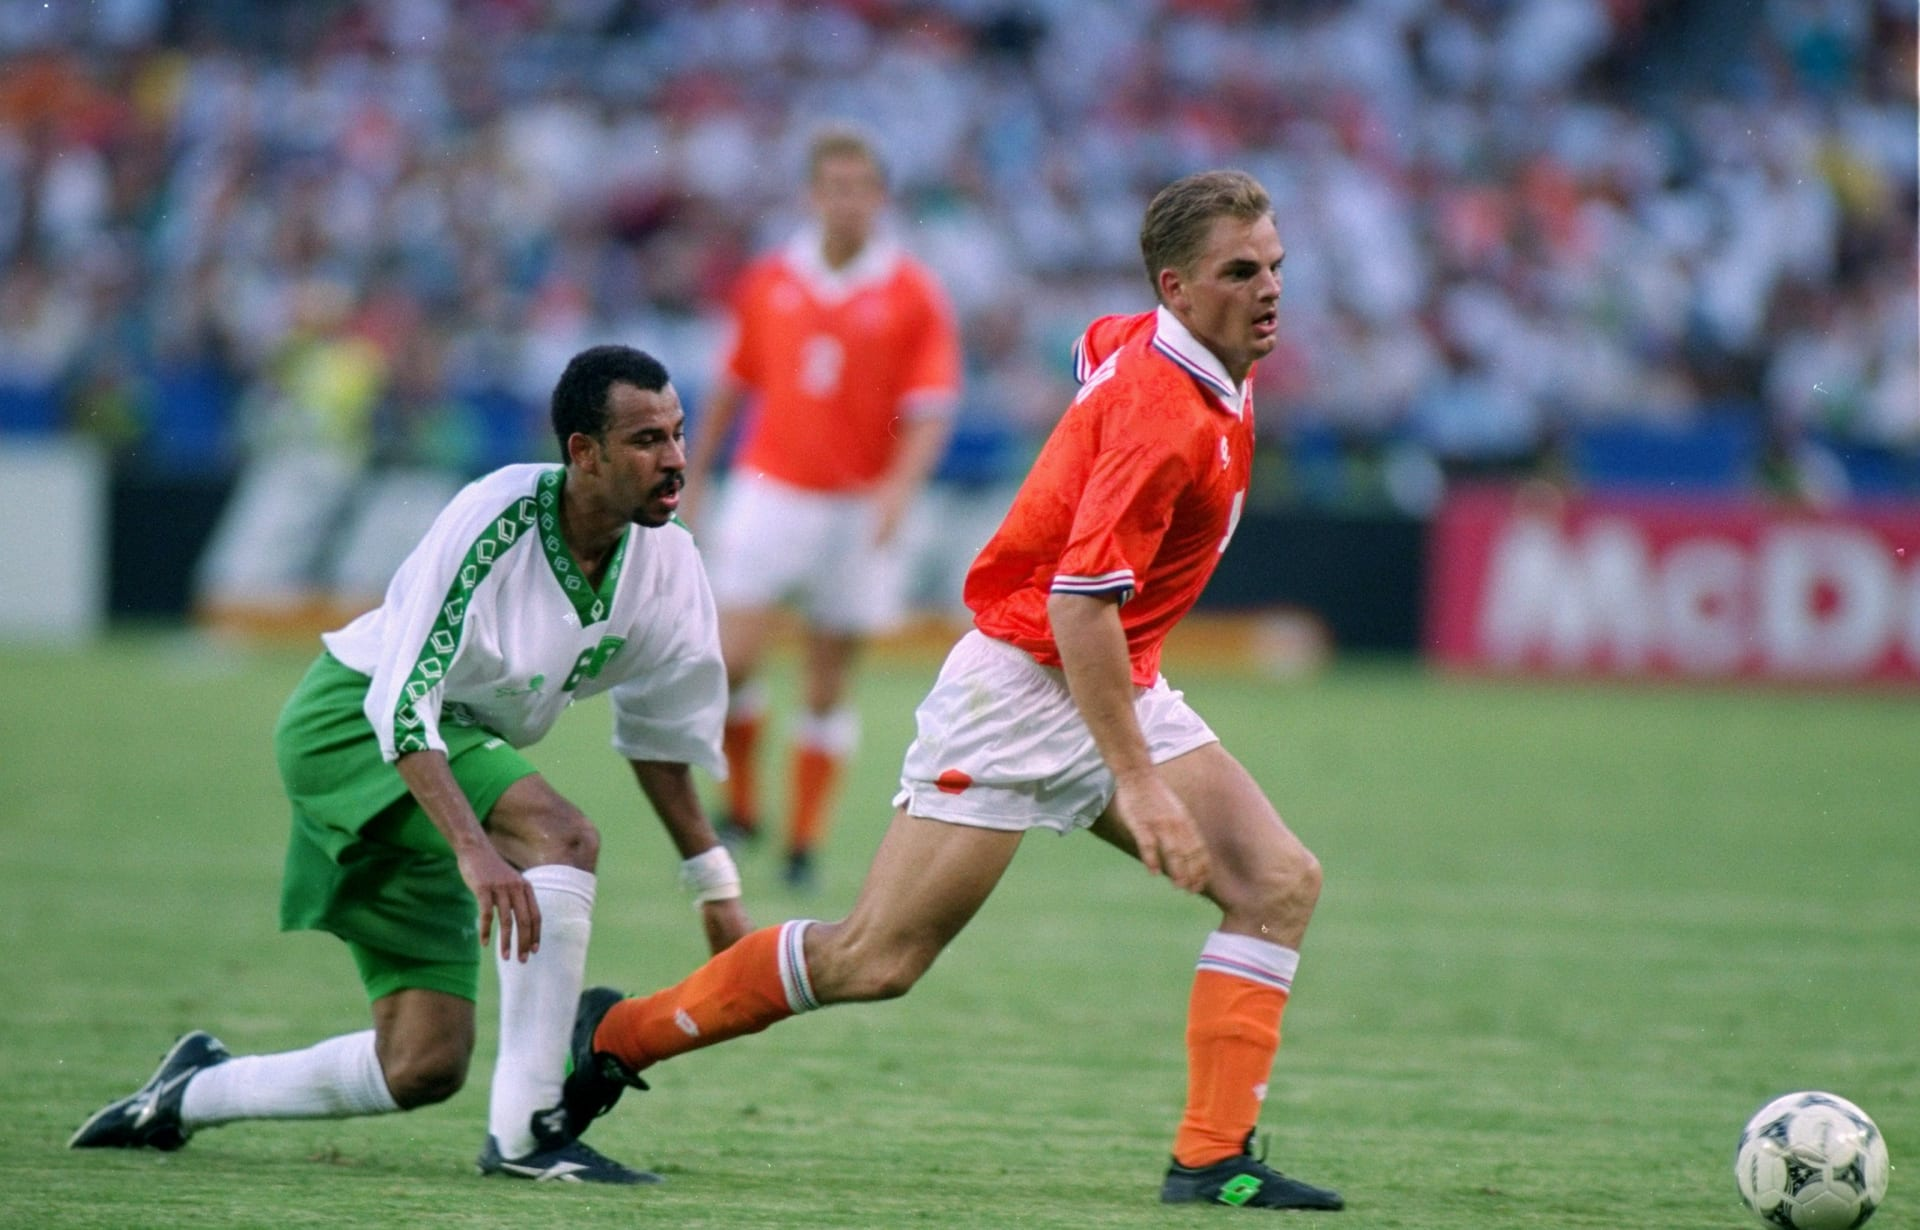 العرب في المونديال: من هو صاحب أول هدف سعودي في كأس العالم؟